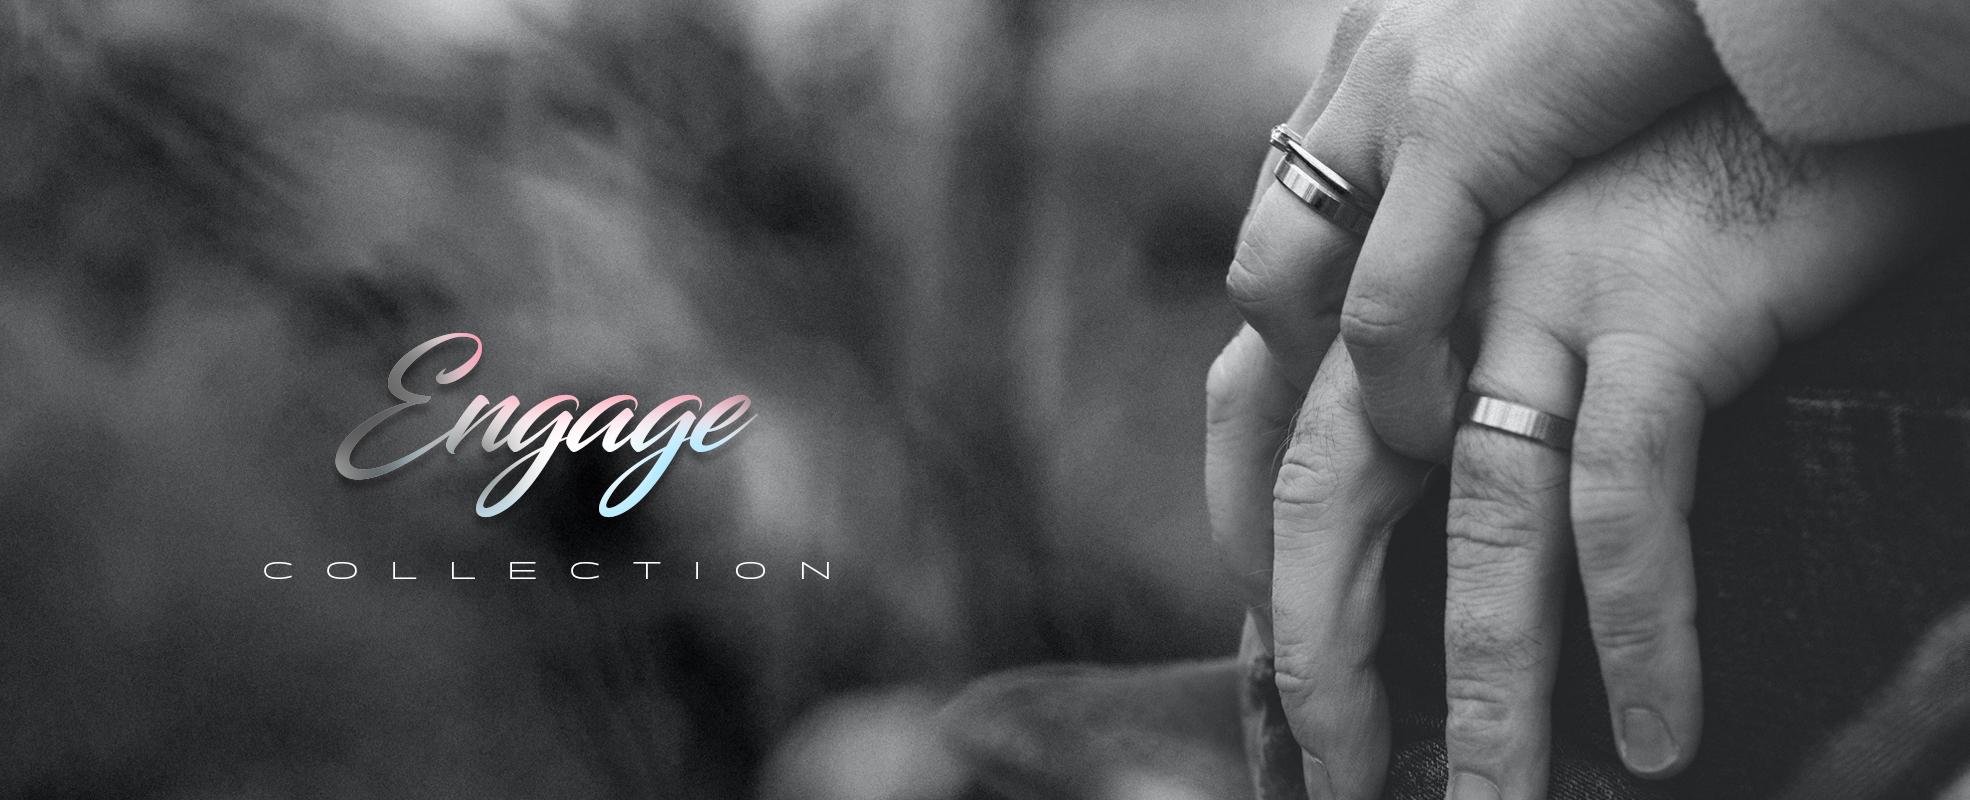 engage-lifestyle-banner.jpg